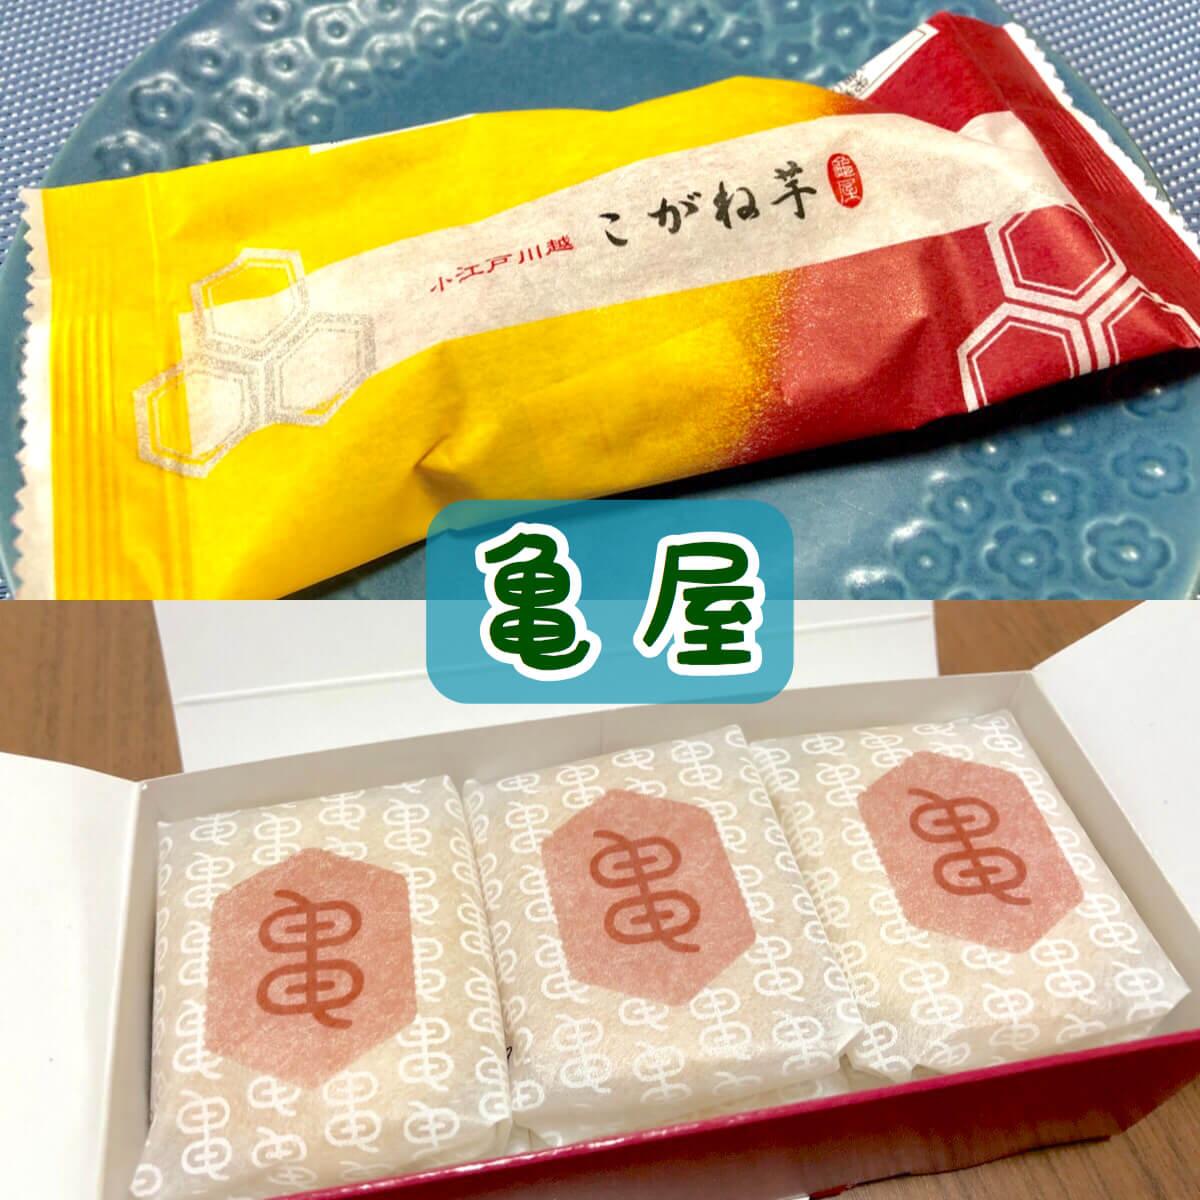 川越・亀屋|人気商品「亀の最中&こがね芋」の味・賞味期限・値段は?